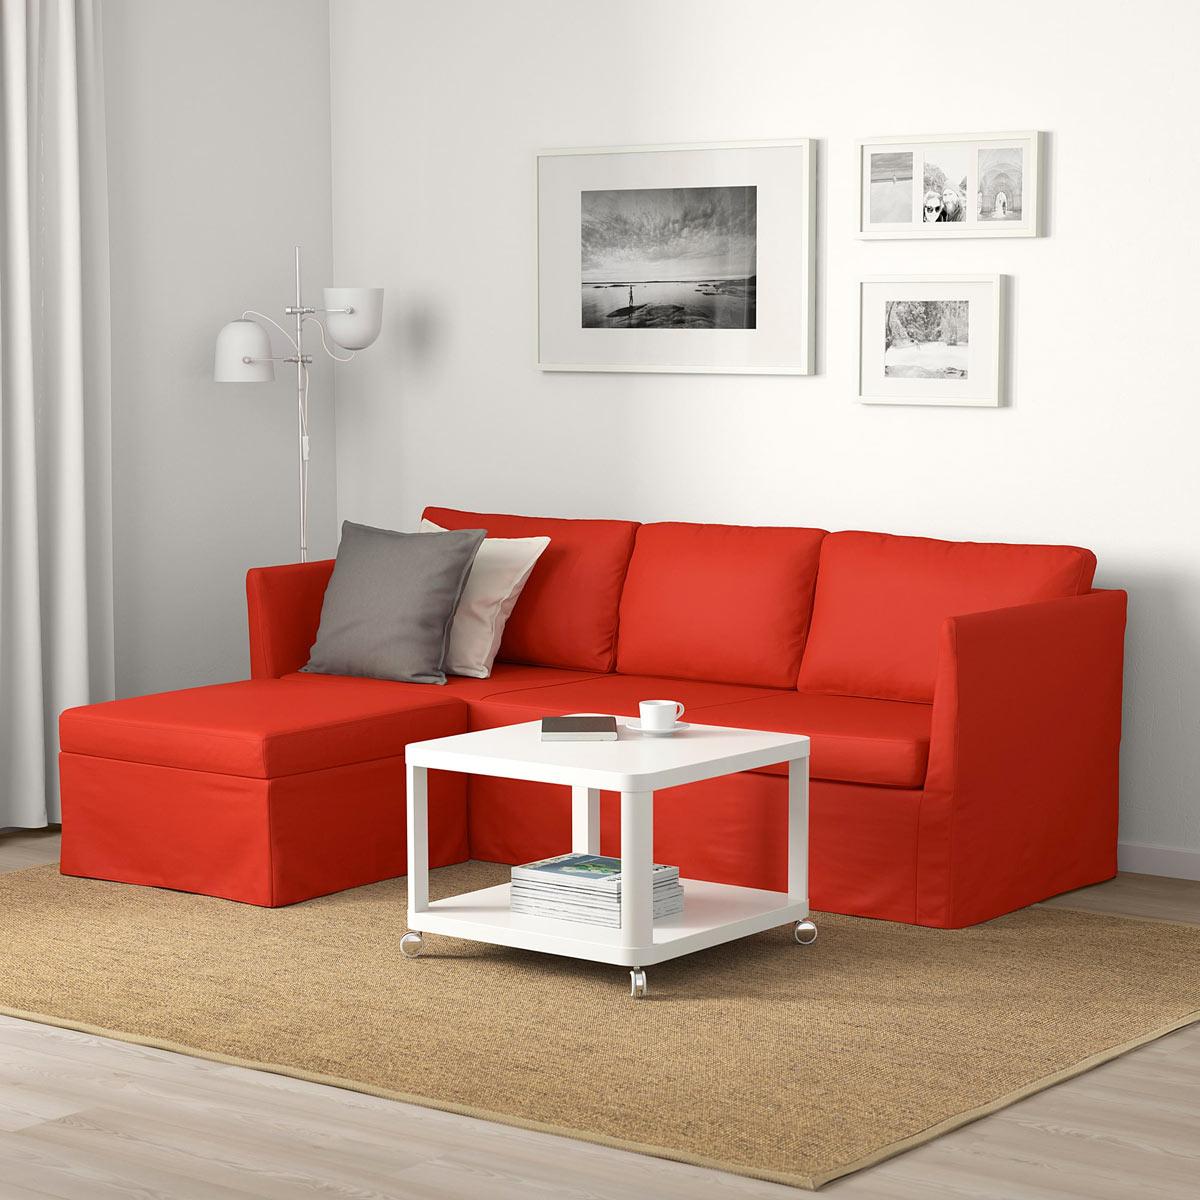 Divano IKEA BRÅTHULT rosso, perfetto per la primavera.